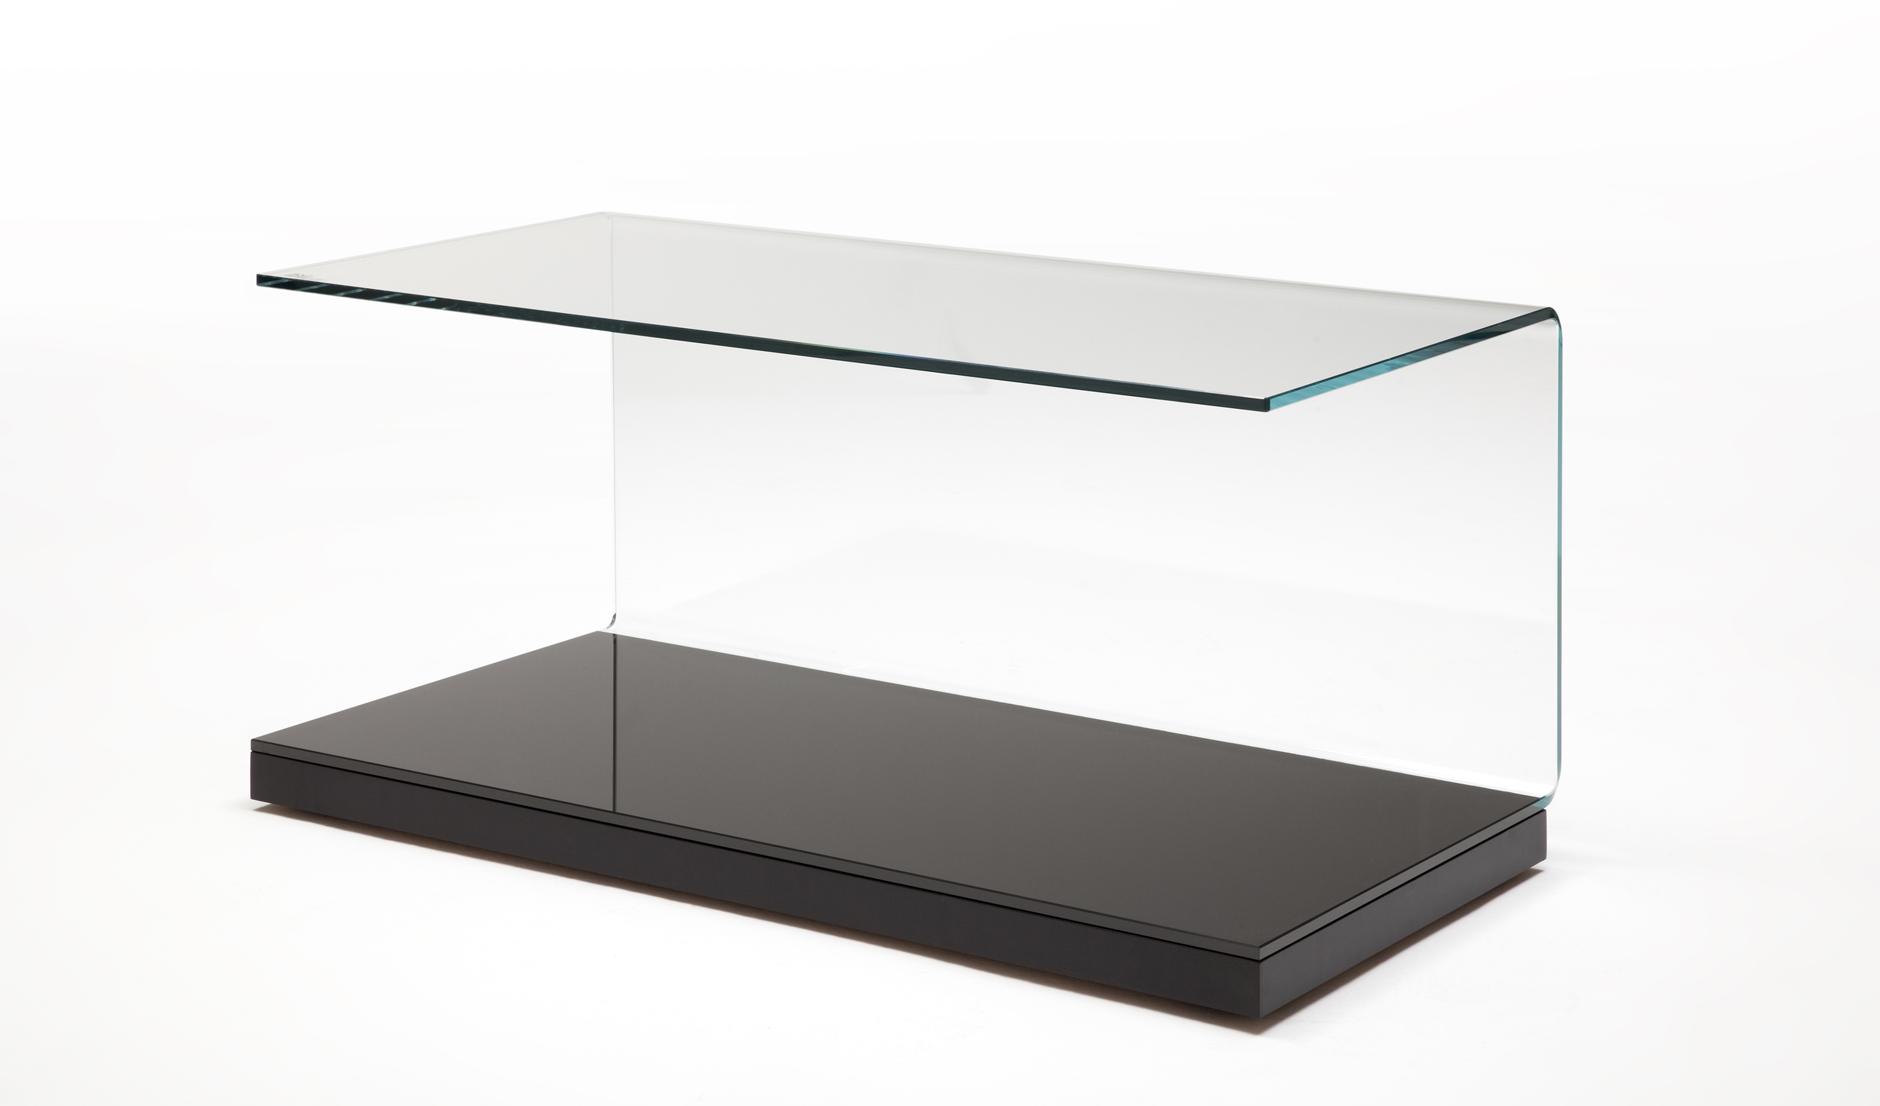 rolf benz 8700. Black Bedroom Furniture Sets. Home Design Ideas